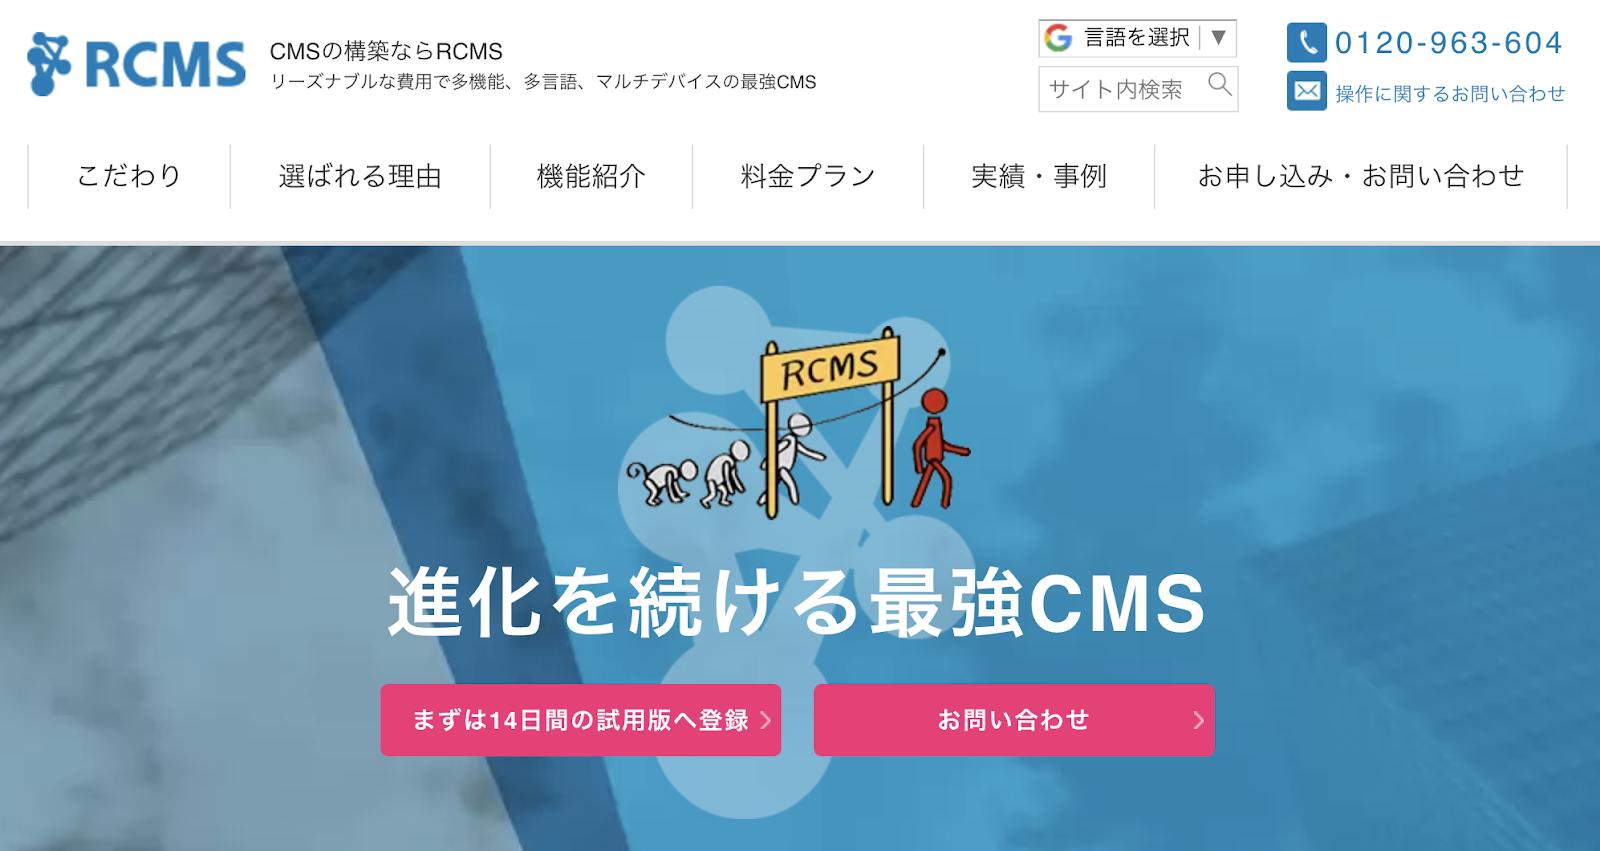 RCMS CMS